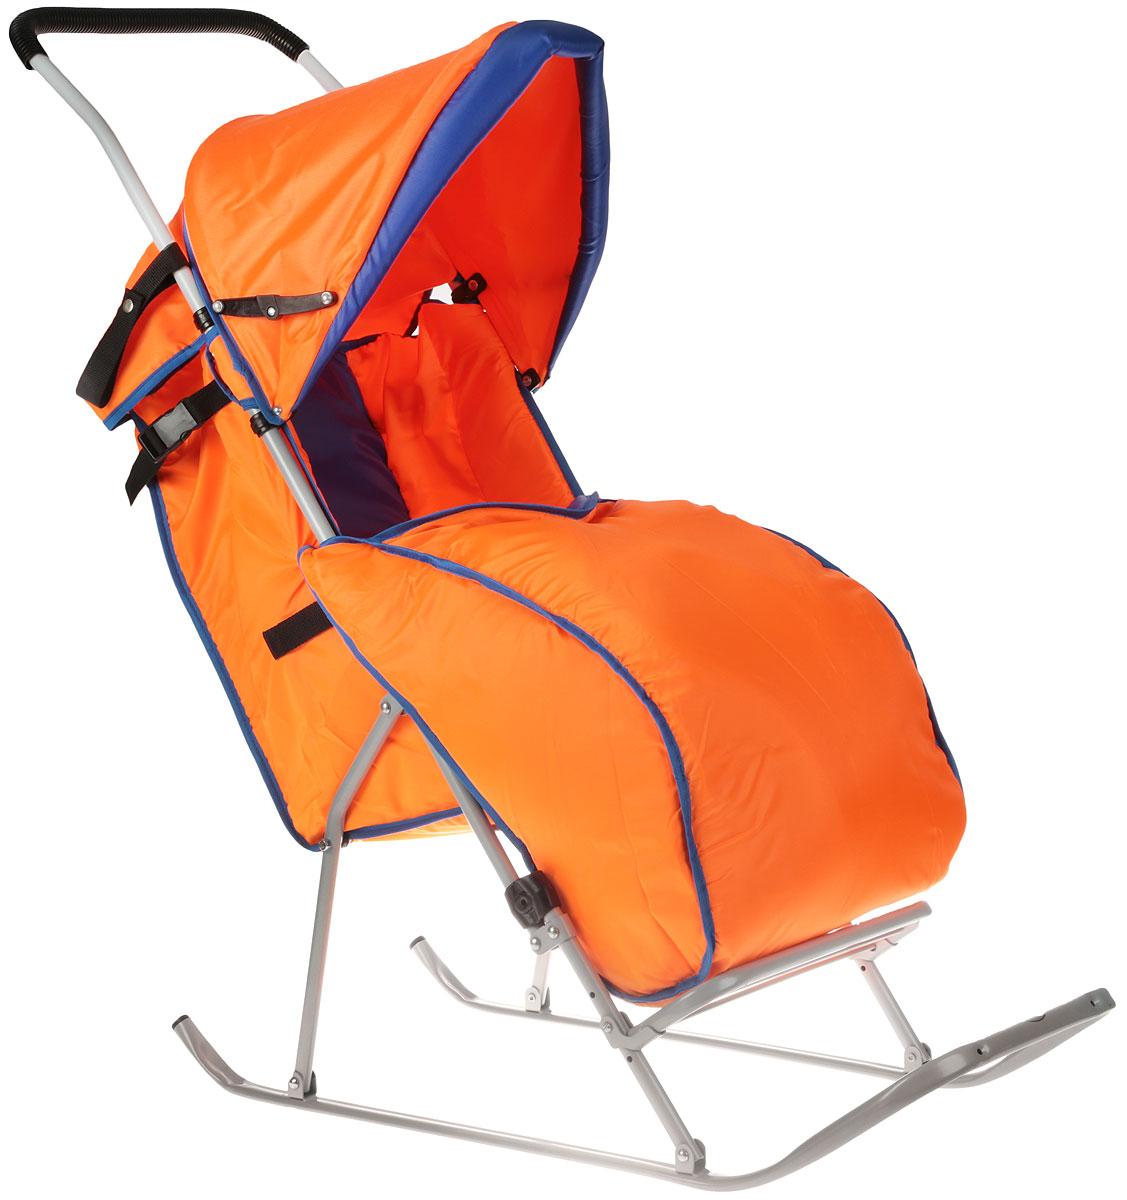 Фея Санки-коляска Метелица Люкс с тентом цвет синий оранжевый0005573-01_ синий, оранжевыйСанки-коляска Фея Метелица Люкс выполнена из тонких металлических труб и из зеленой ткани. Ткань, использующаяся на санках, отлично защищает от ветра. Санки оснащены тентом, который складывается, имеется ремень безопасности и утепленный чехол для ног. Полозья изготовлены из плоской металлической трубы. Регулируемые подставка для ног и сидение, жесткая спинка.